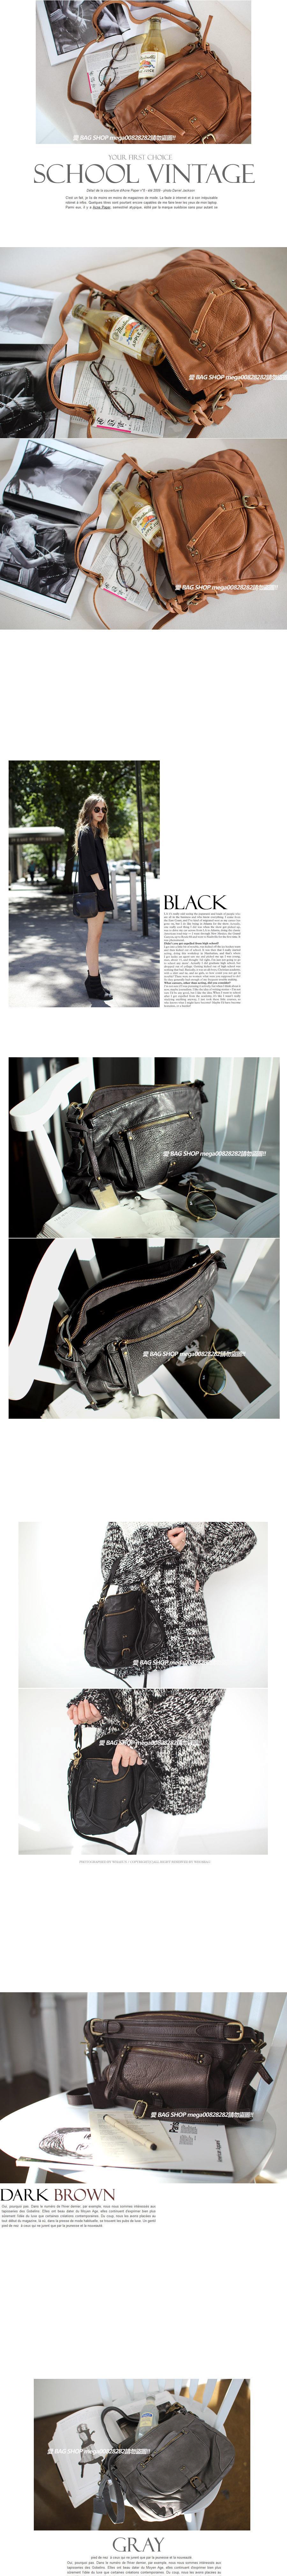 愛 BAG SHOP 韓國 精品包 專賣 DAAD 直率簡約 真皮 新牛皮 肩背 斜背包 2580 黑  焦糖 現貨